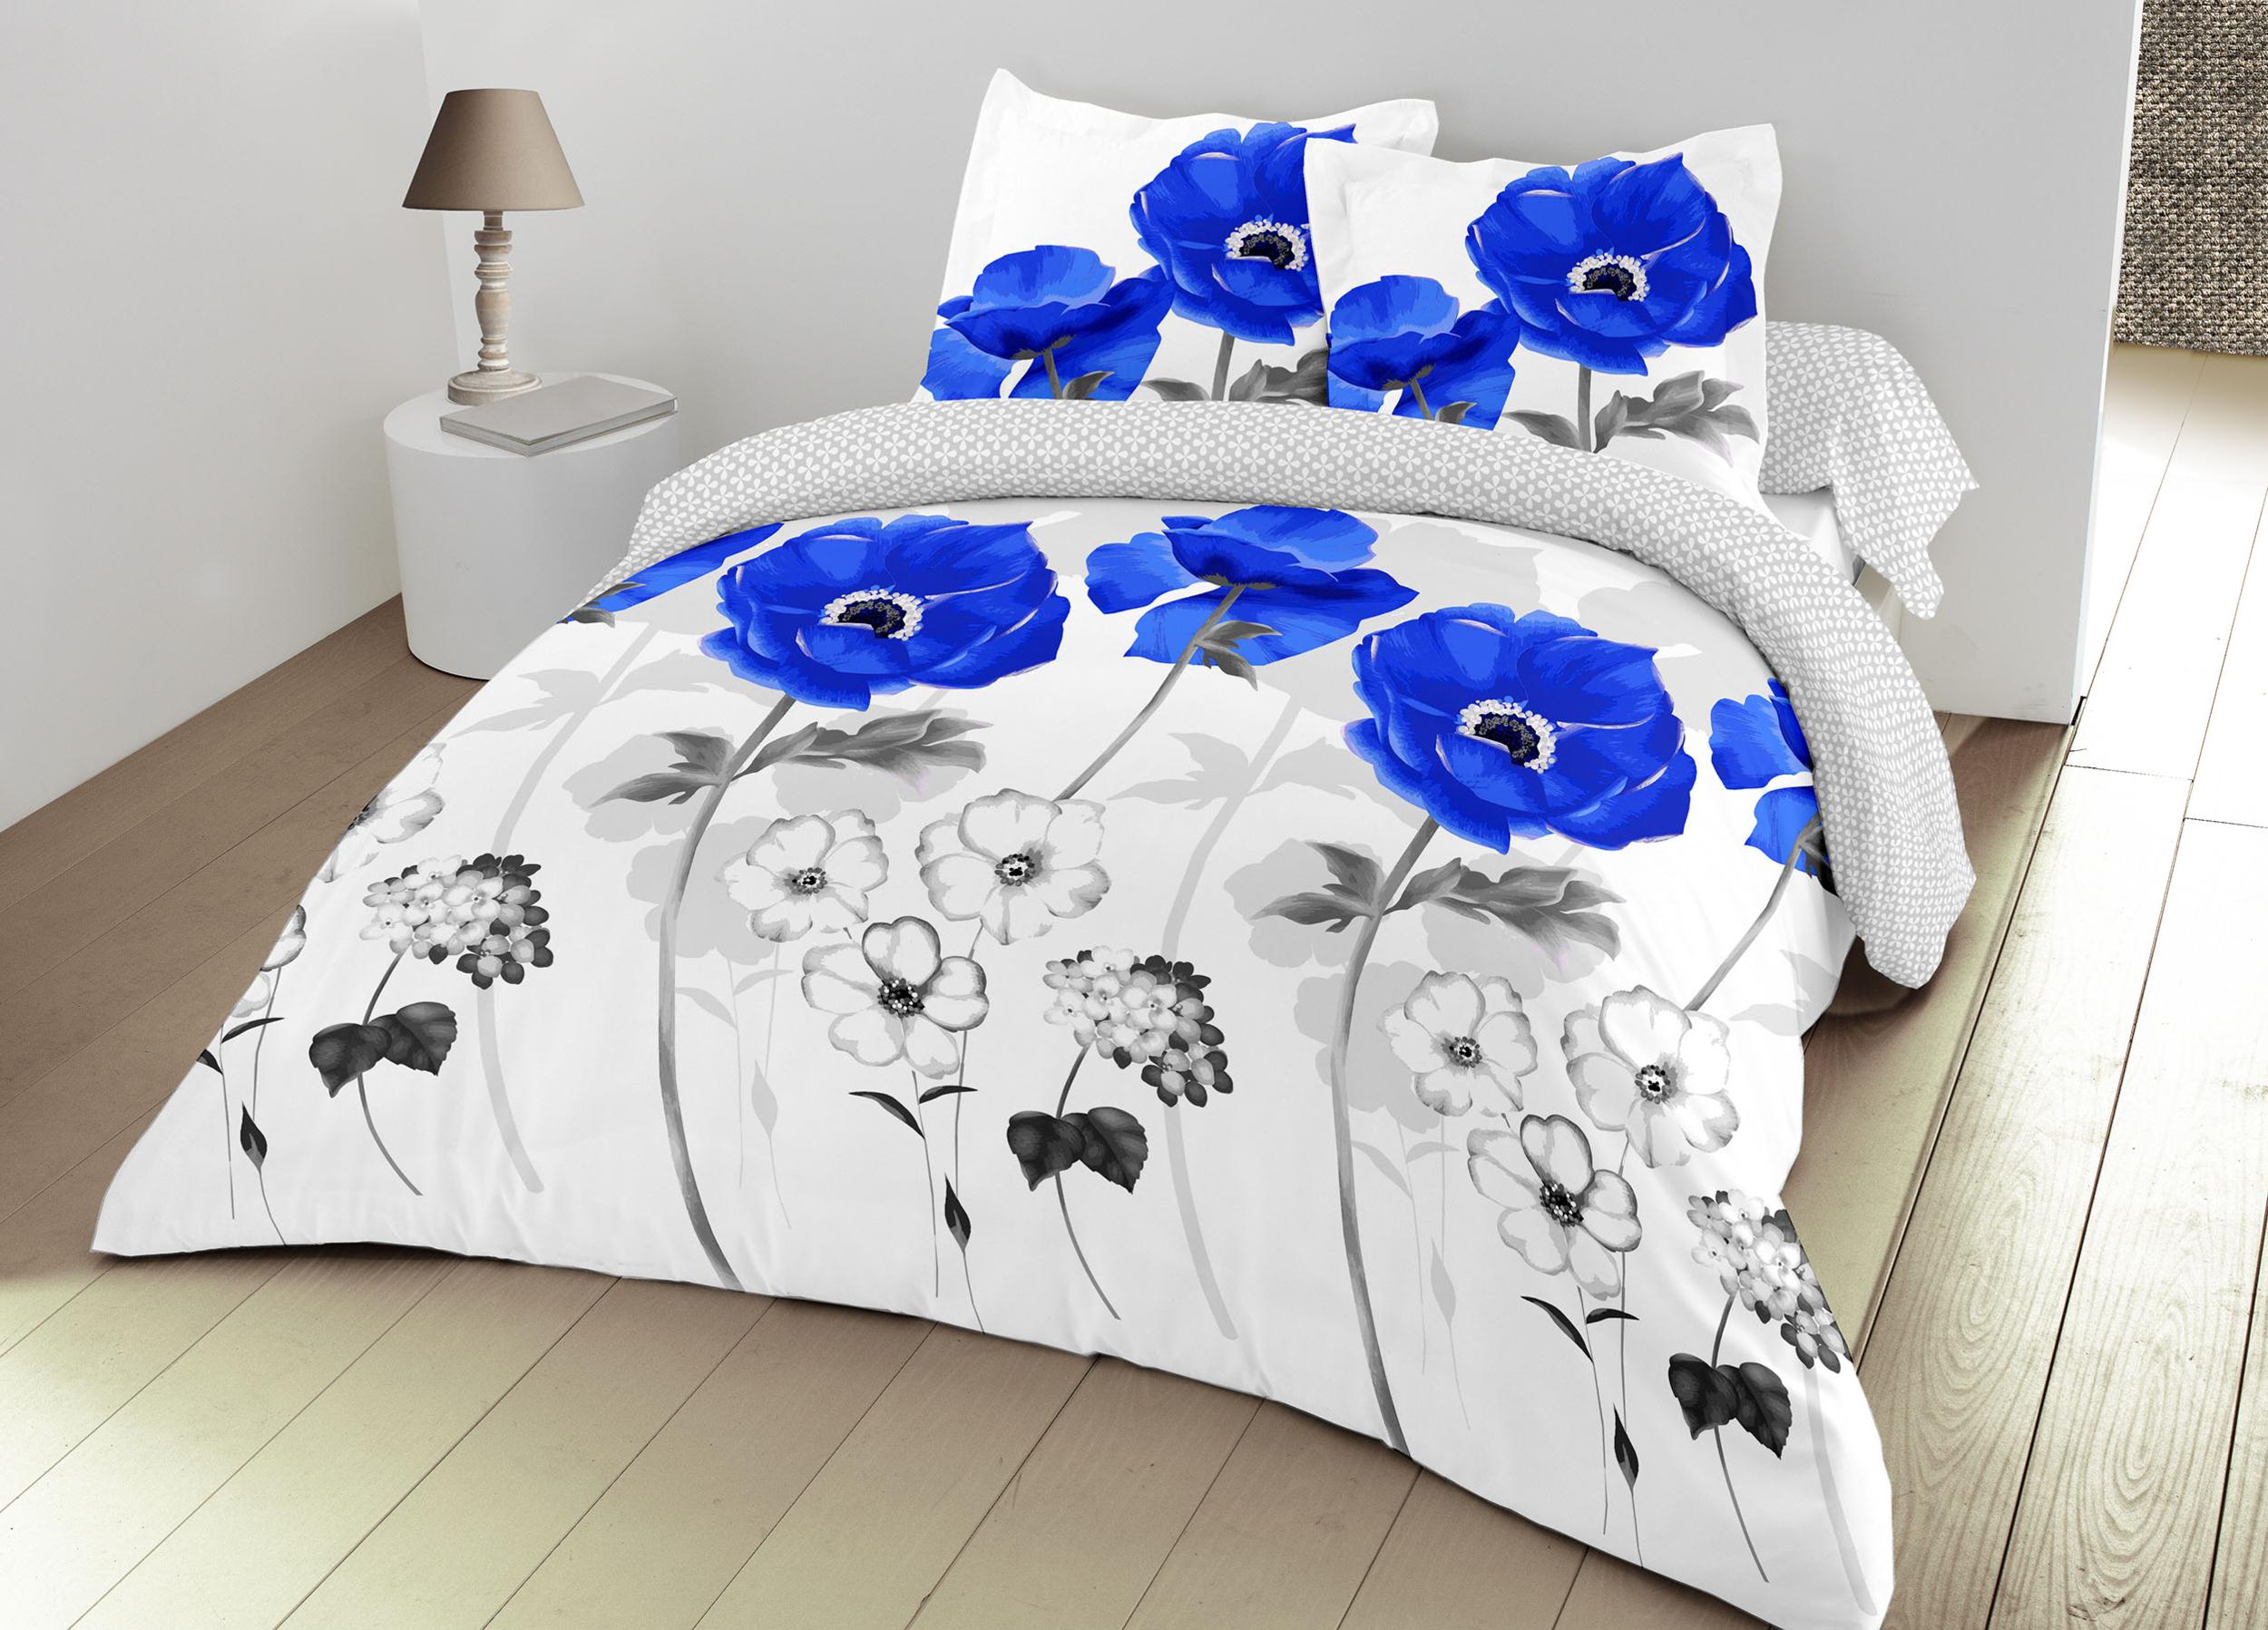 Parure de couette 100% coton 3pcs 200x200 bleuet